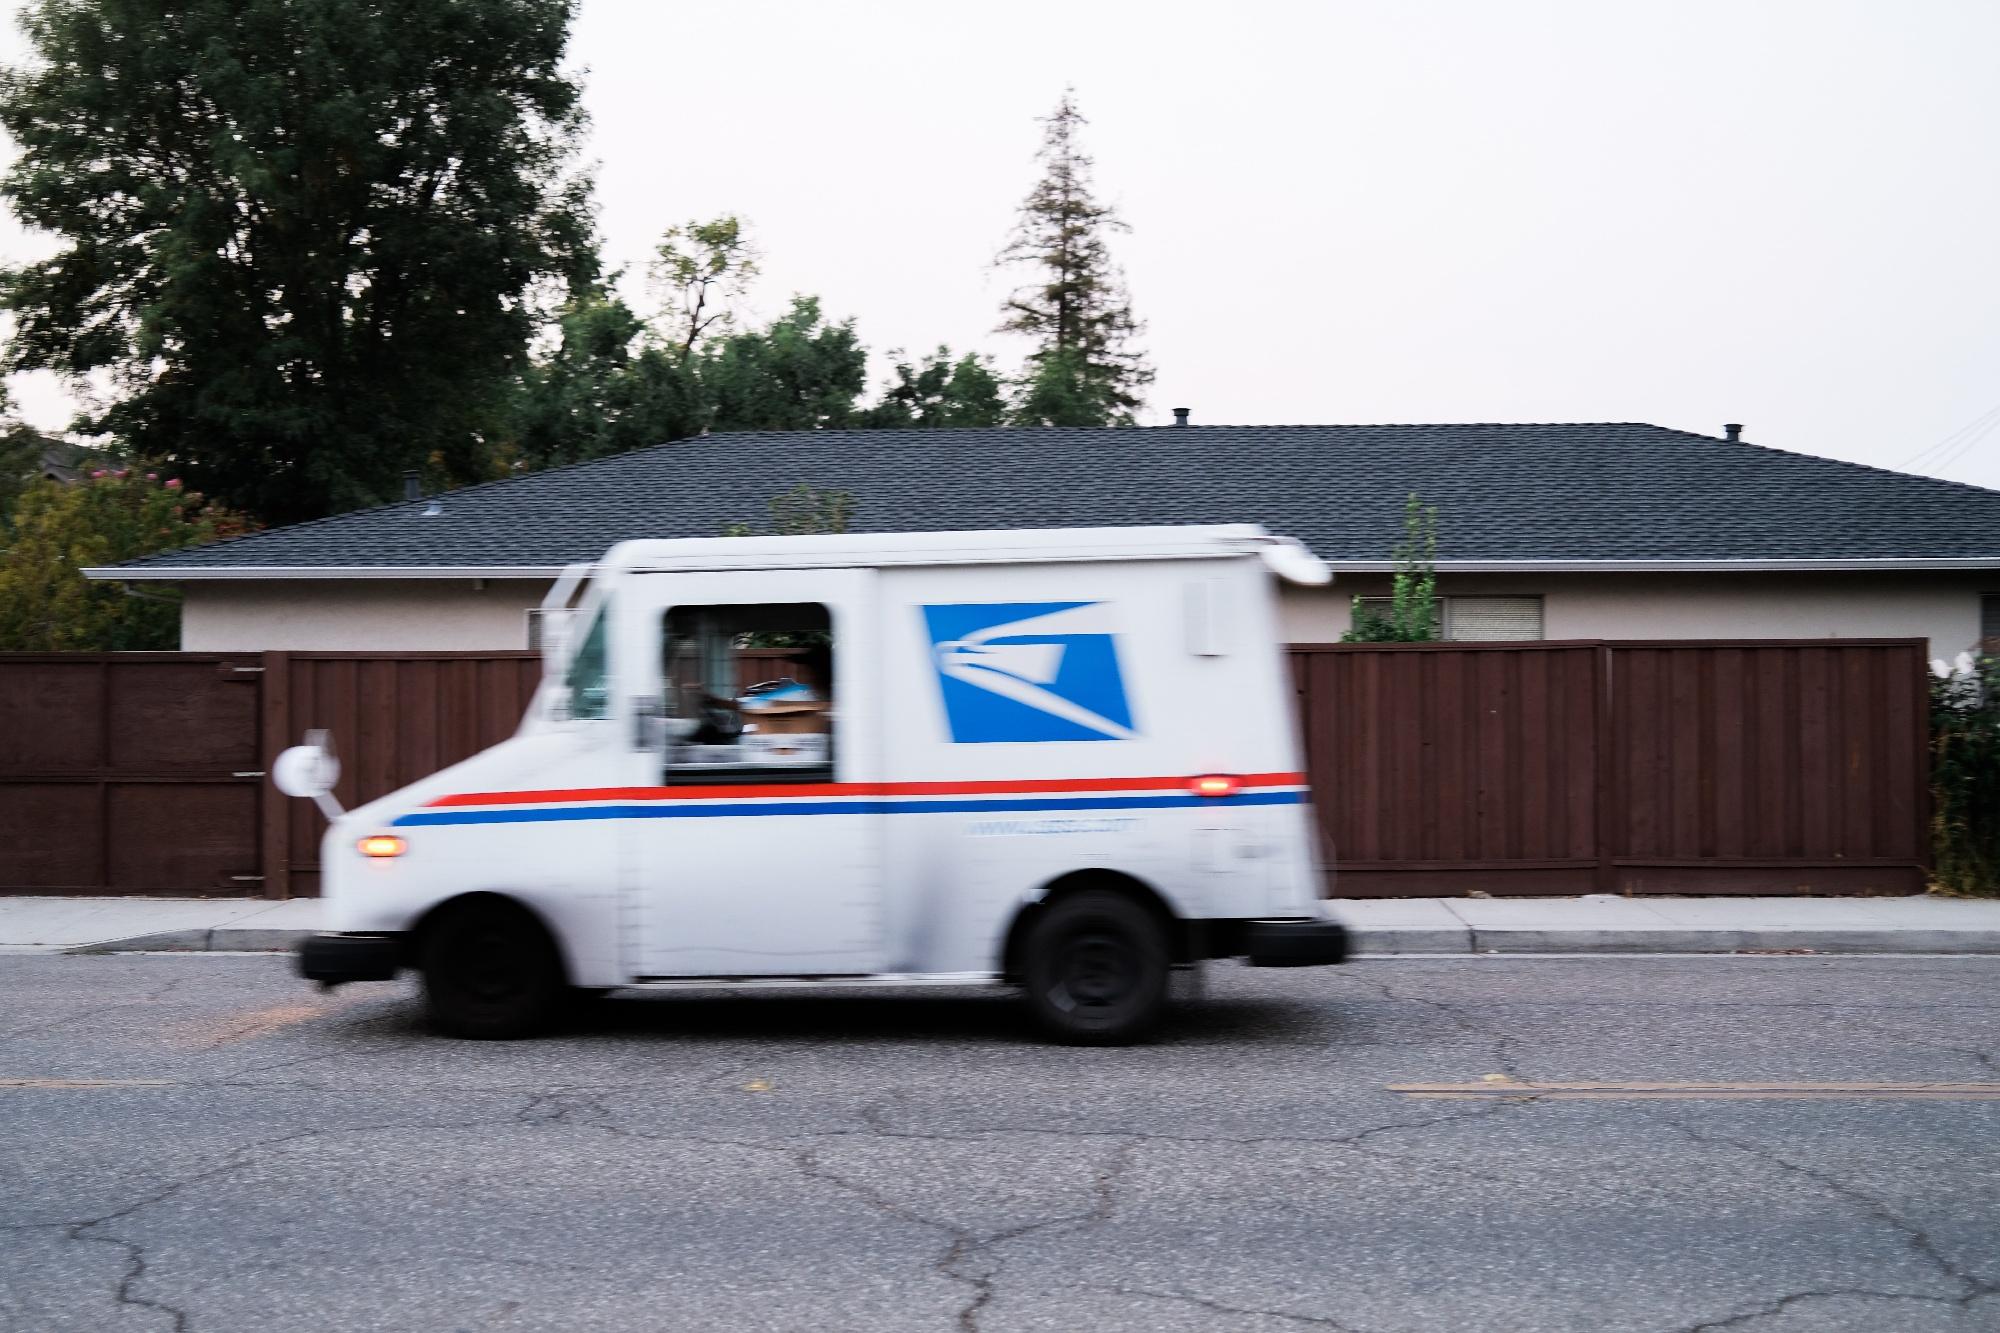 USPS delivering packages